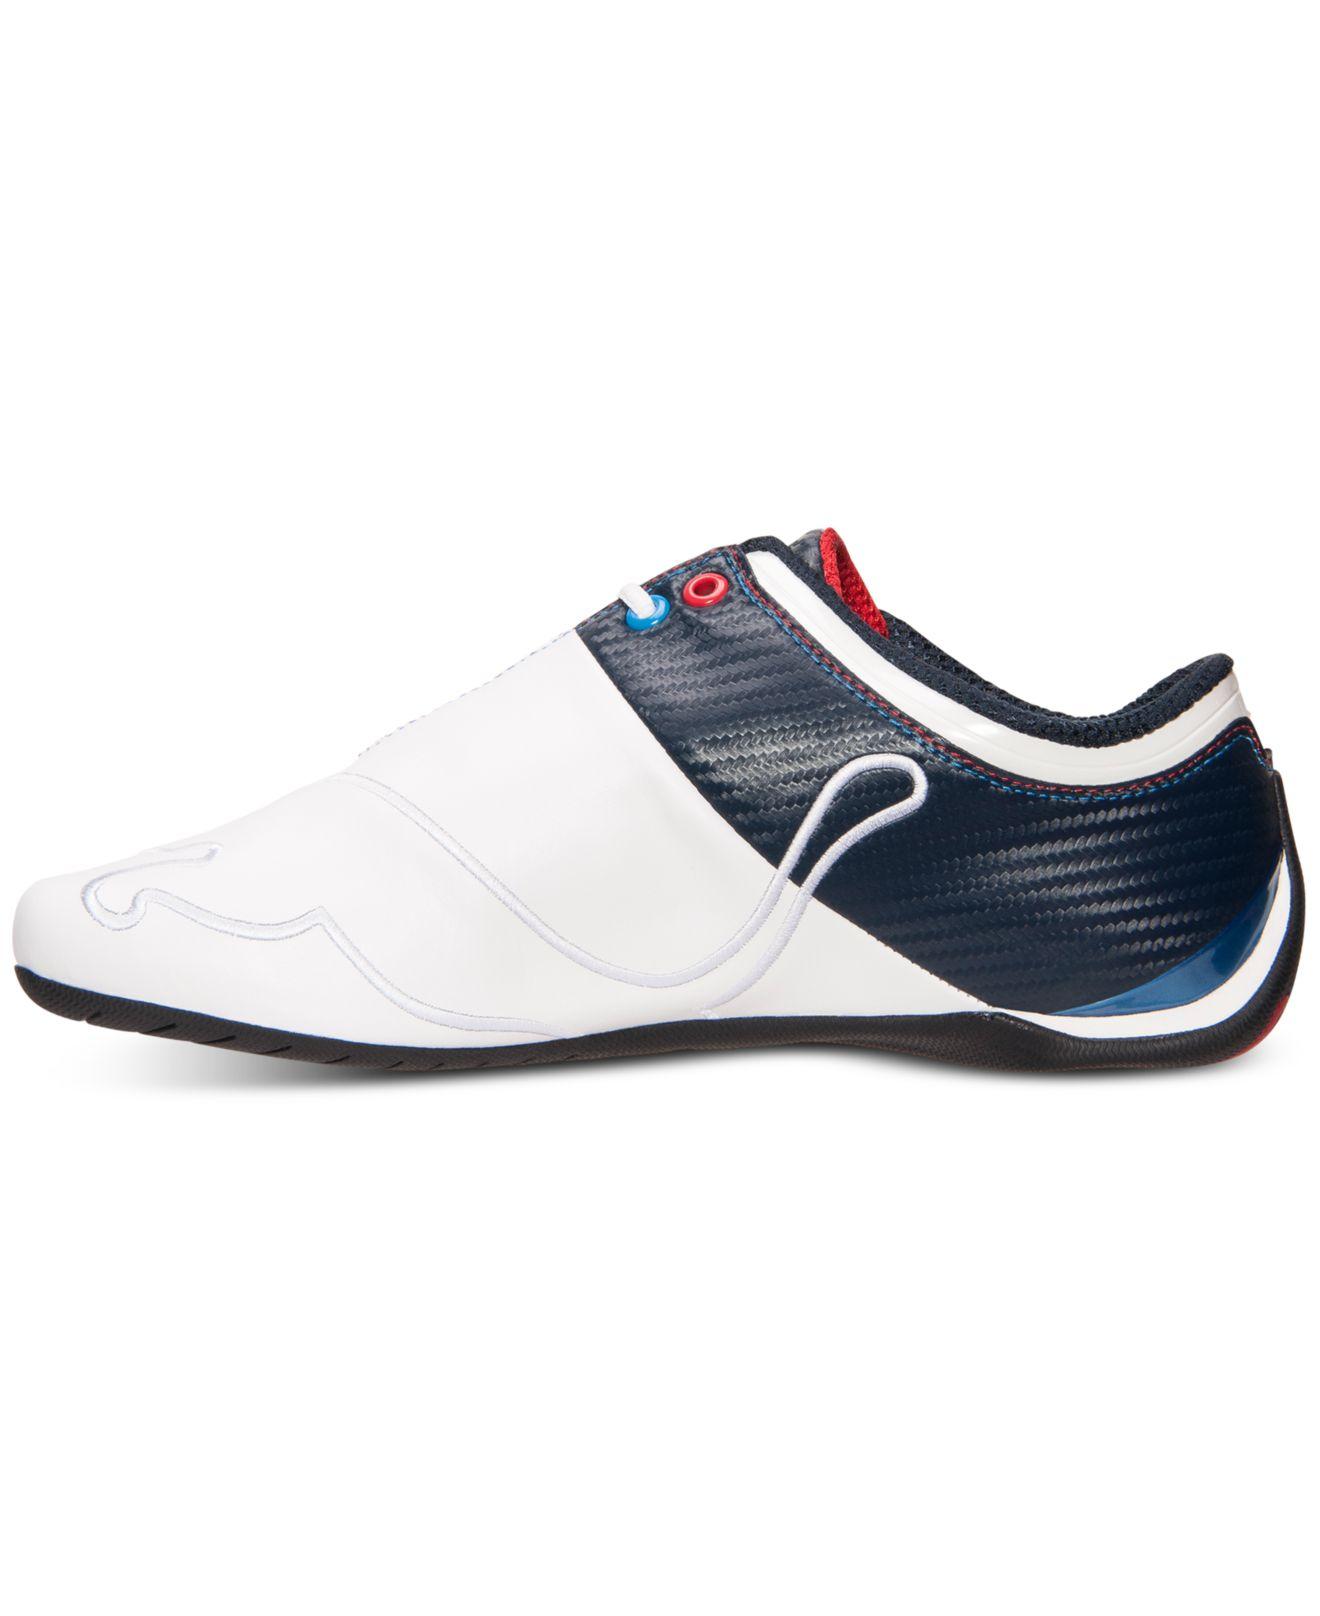 Baby Puma Shoes Uk